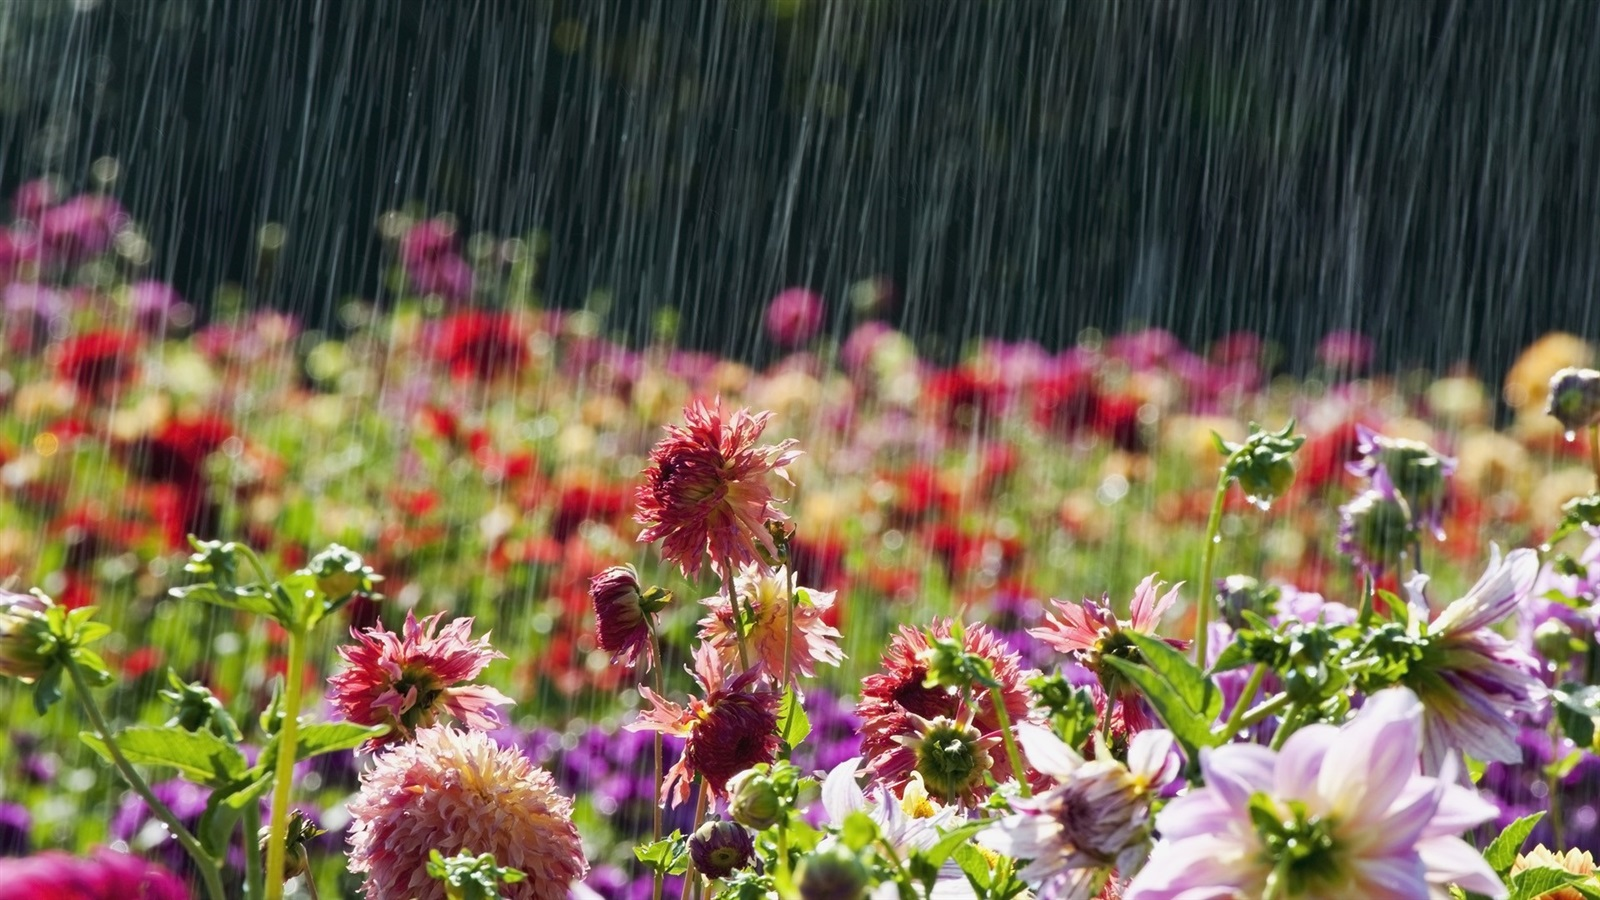 Fondos De Pantalla Flores Rosadas Crisantemo Fondo: Fondos De Pantalla Flores De Jardín, Lluvioso 1920x1080